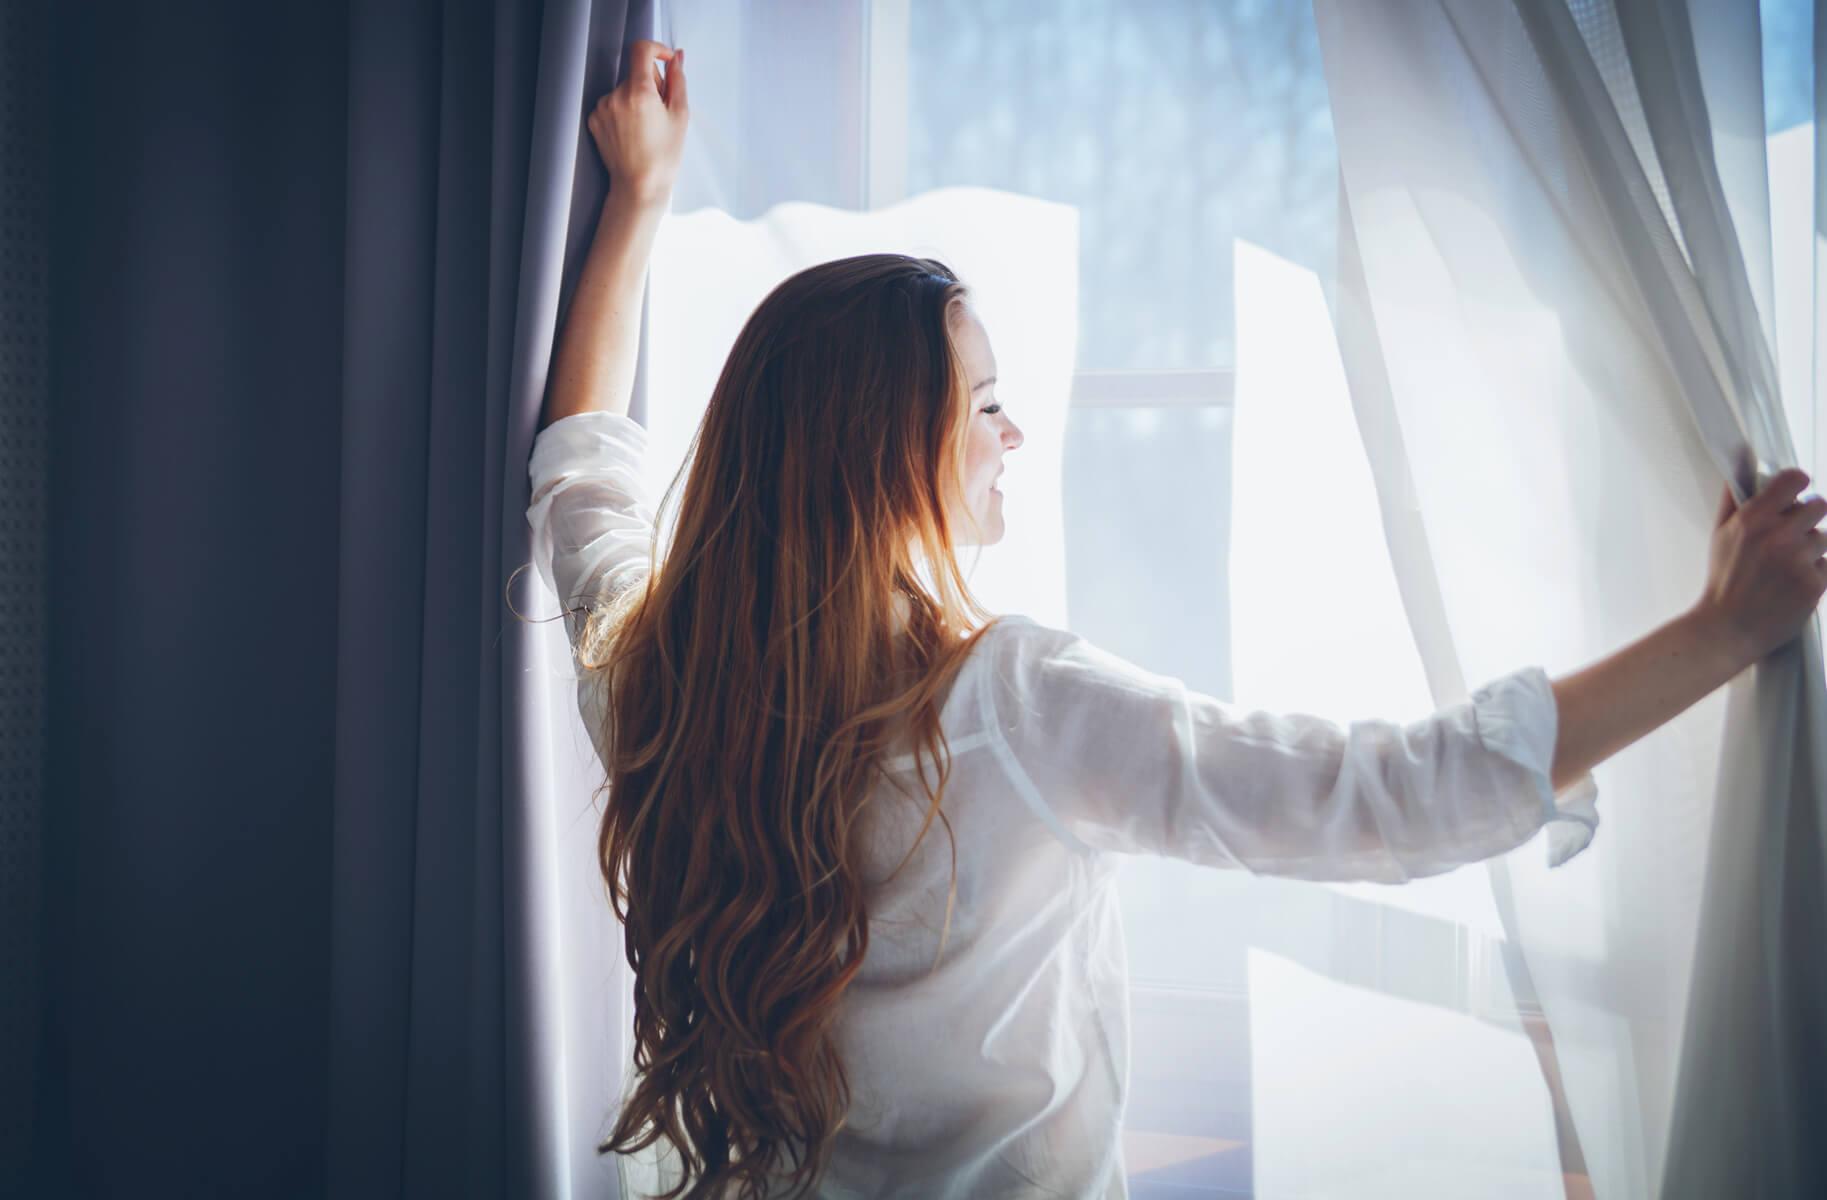 Jak domowym sposobem ochłodzić mieszkanie?